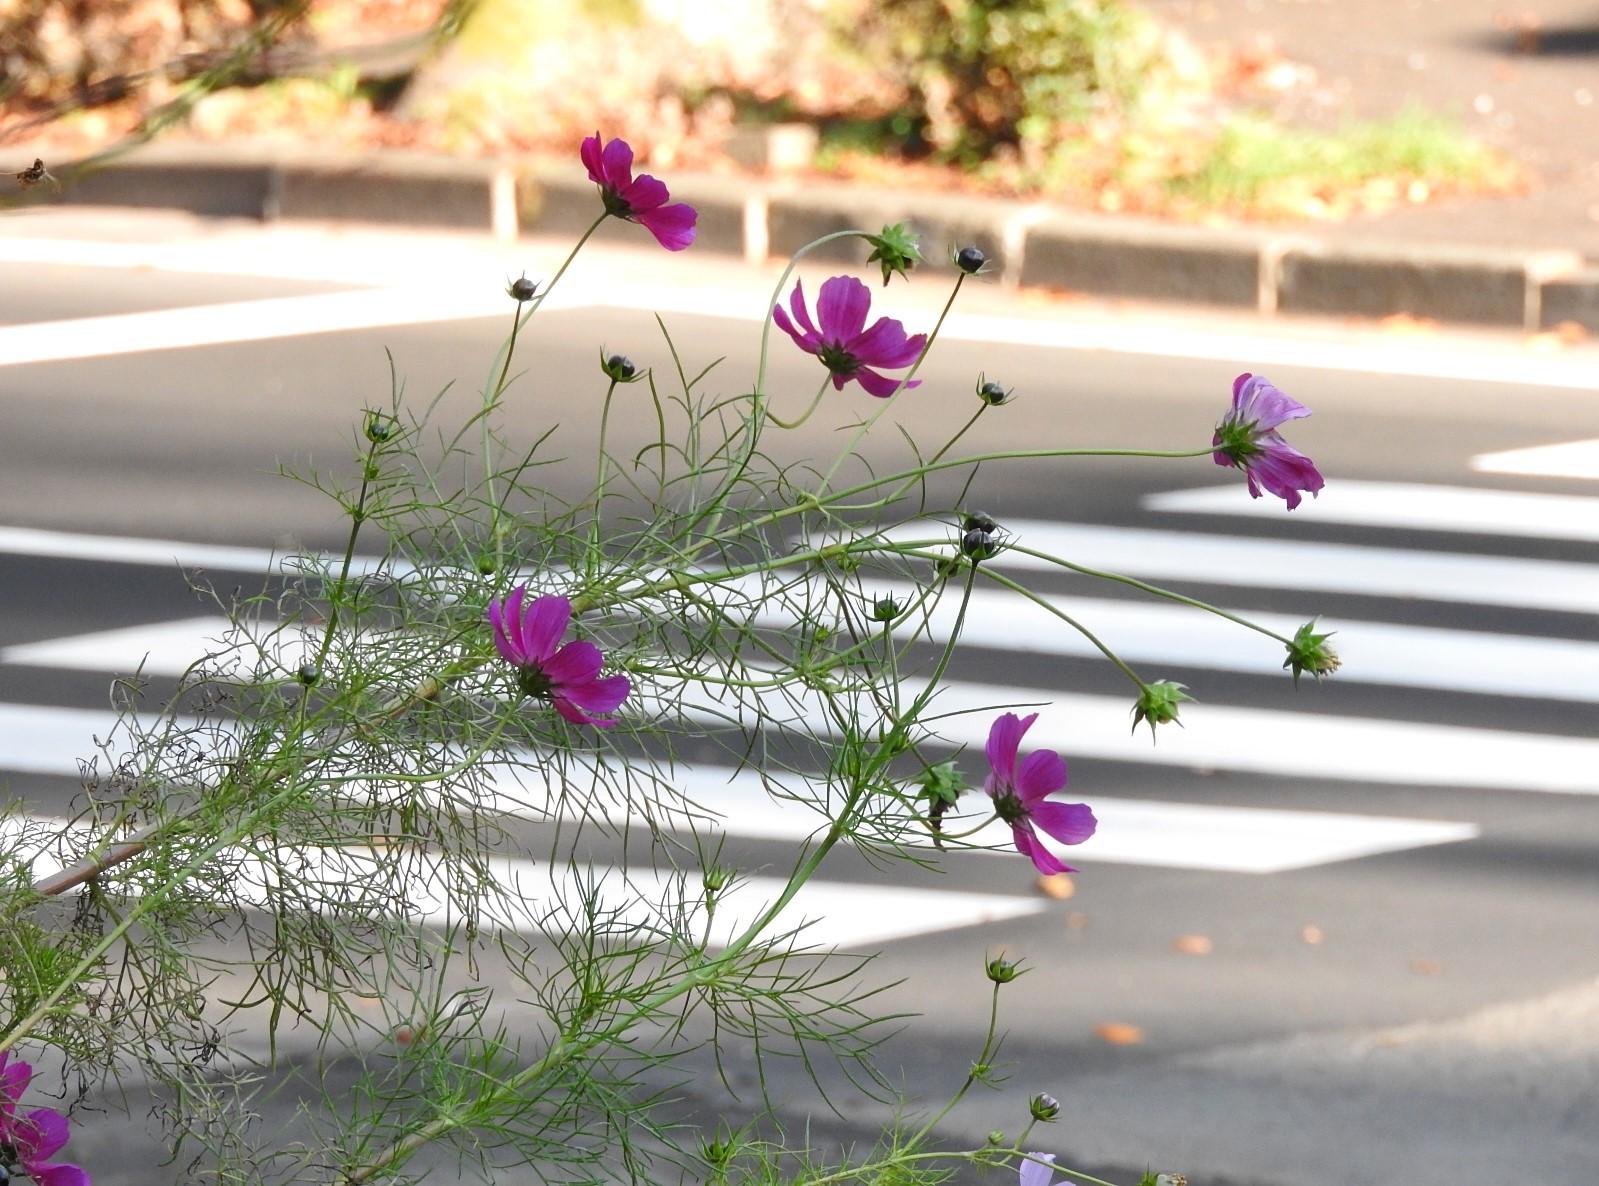 横断歩道を渡るコスモス_e0406450_11465850.jpg